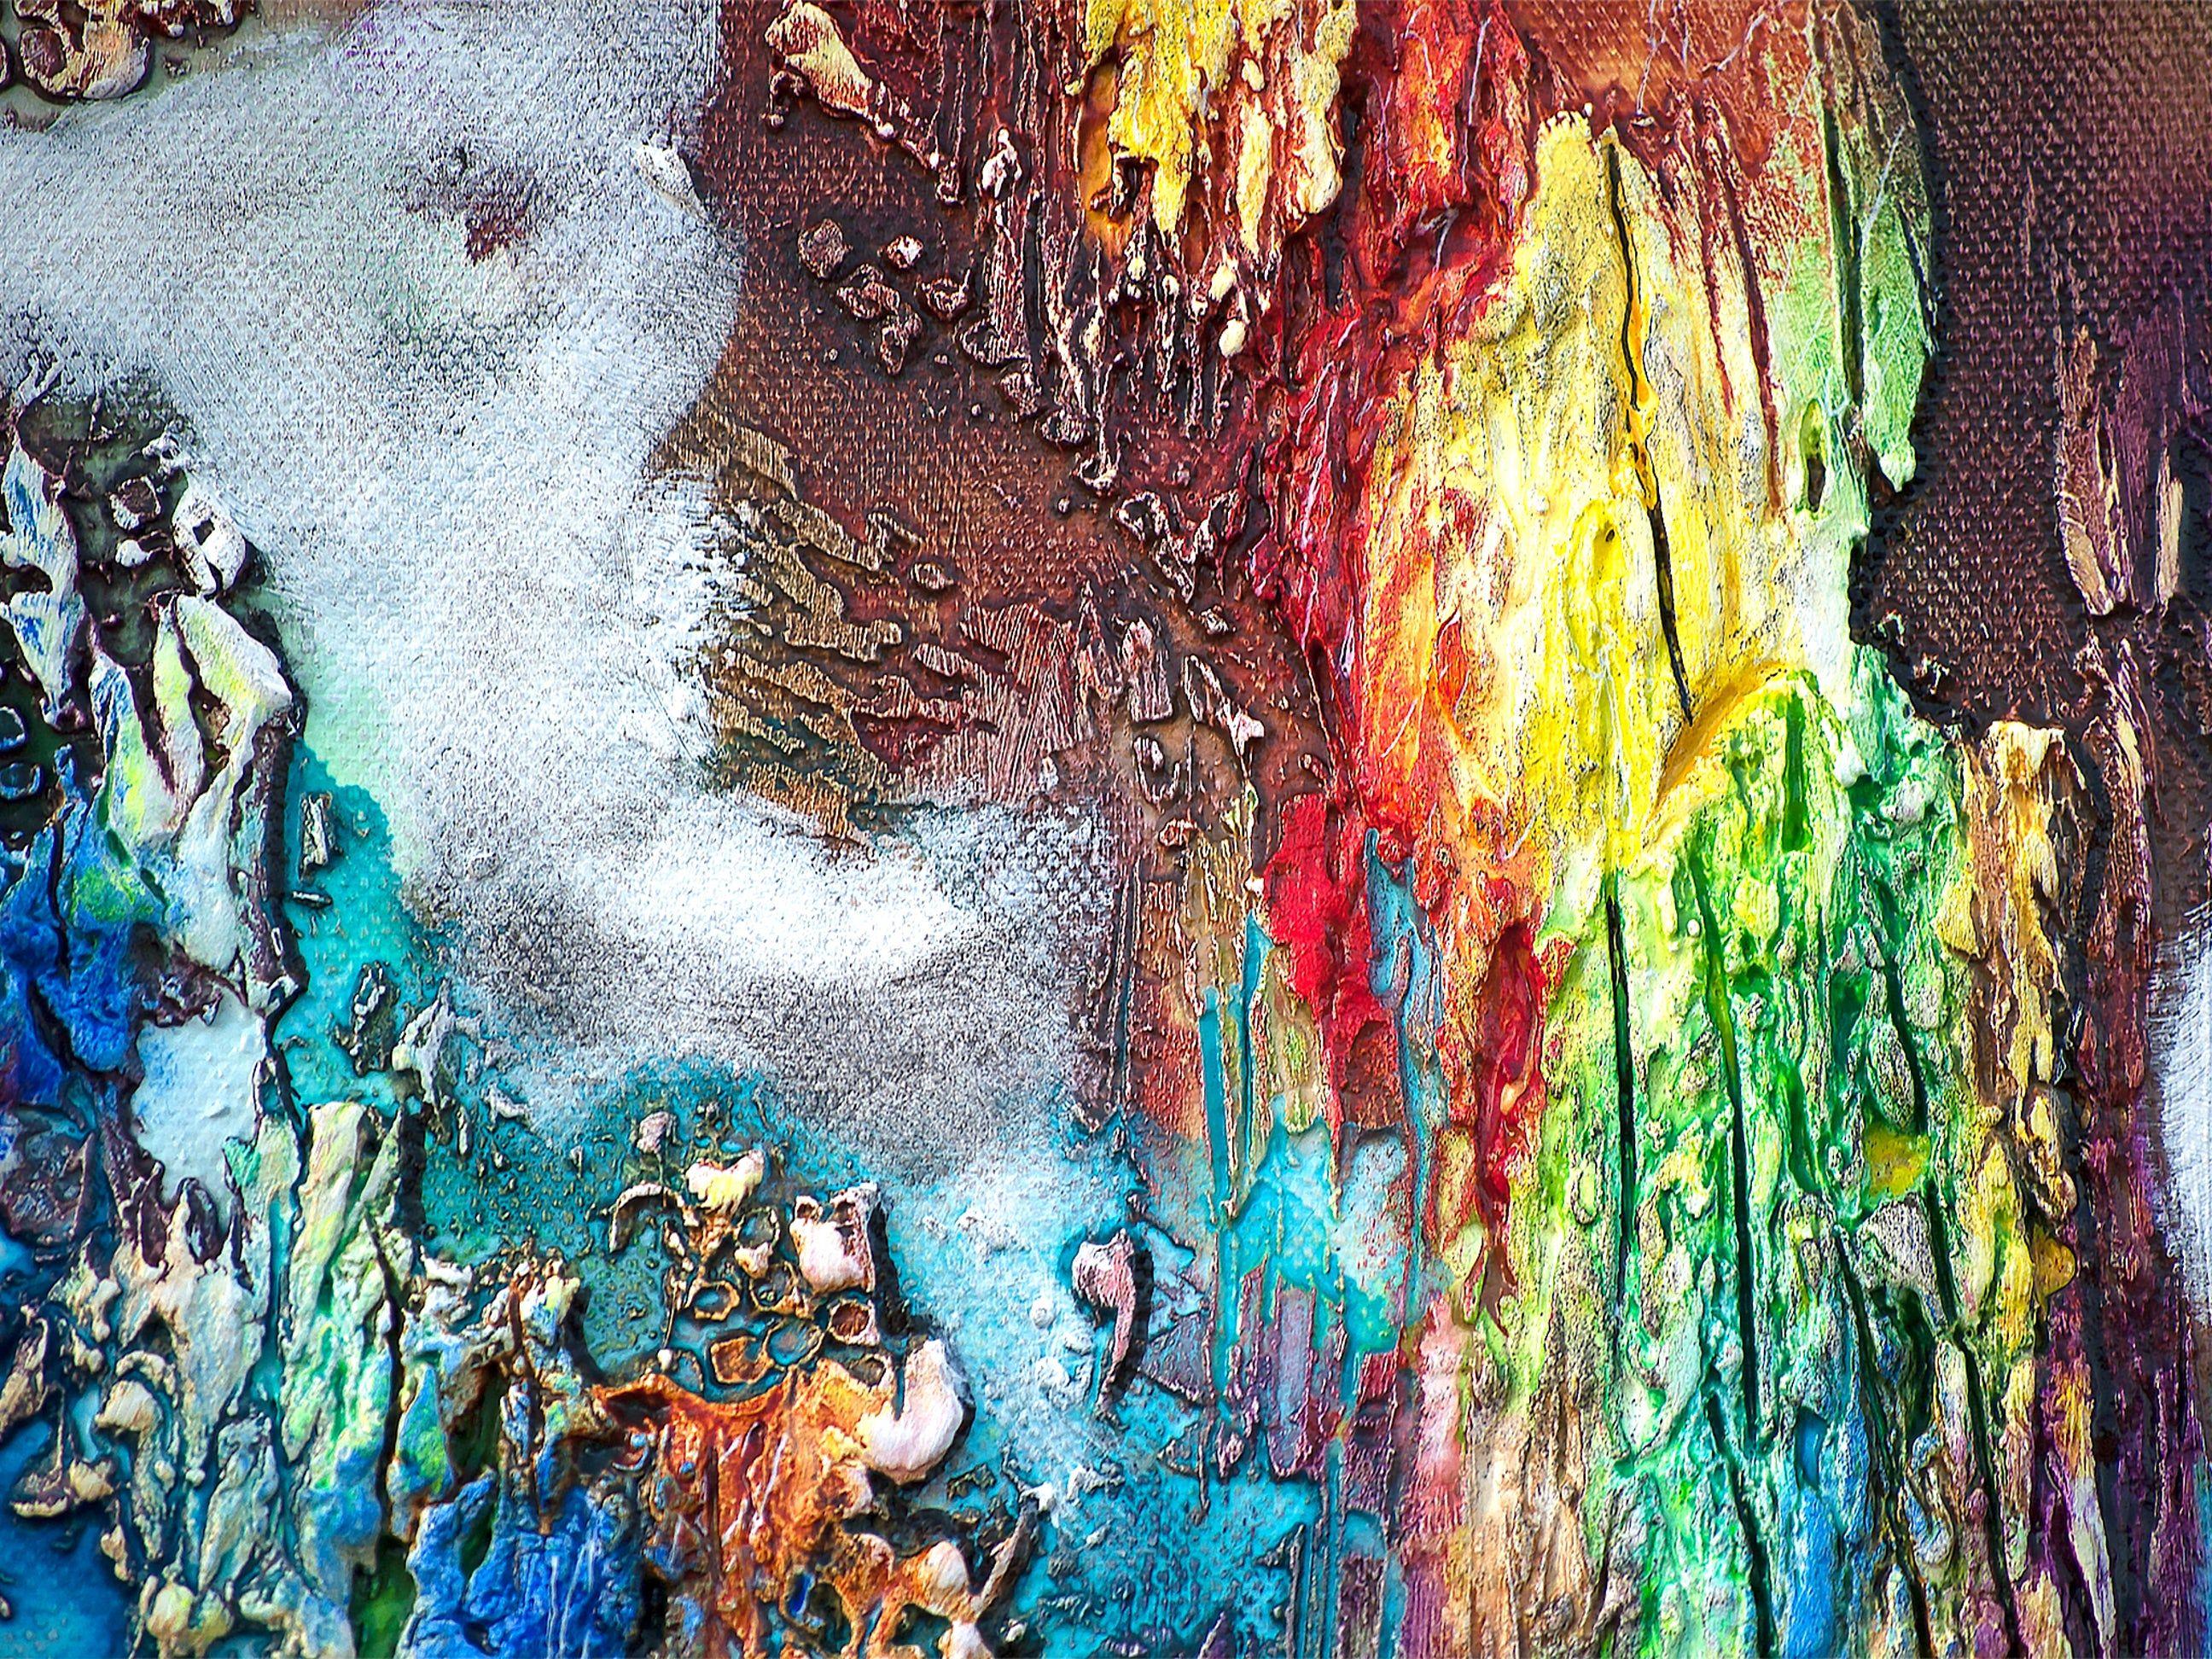 Unsplash Abstract Art